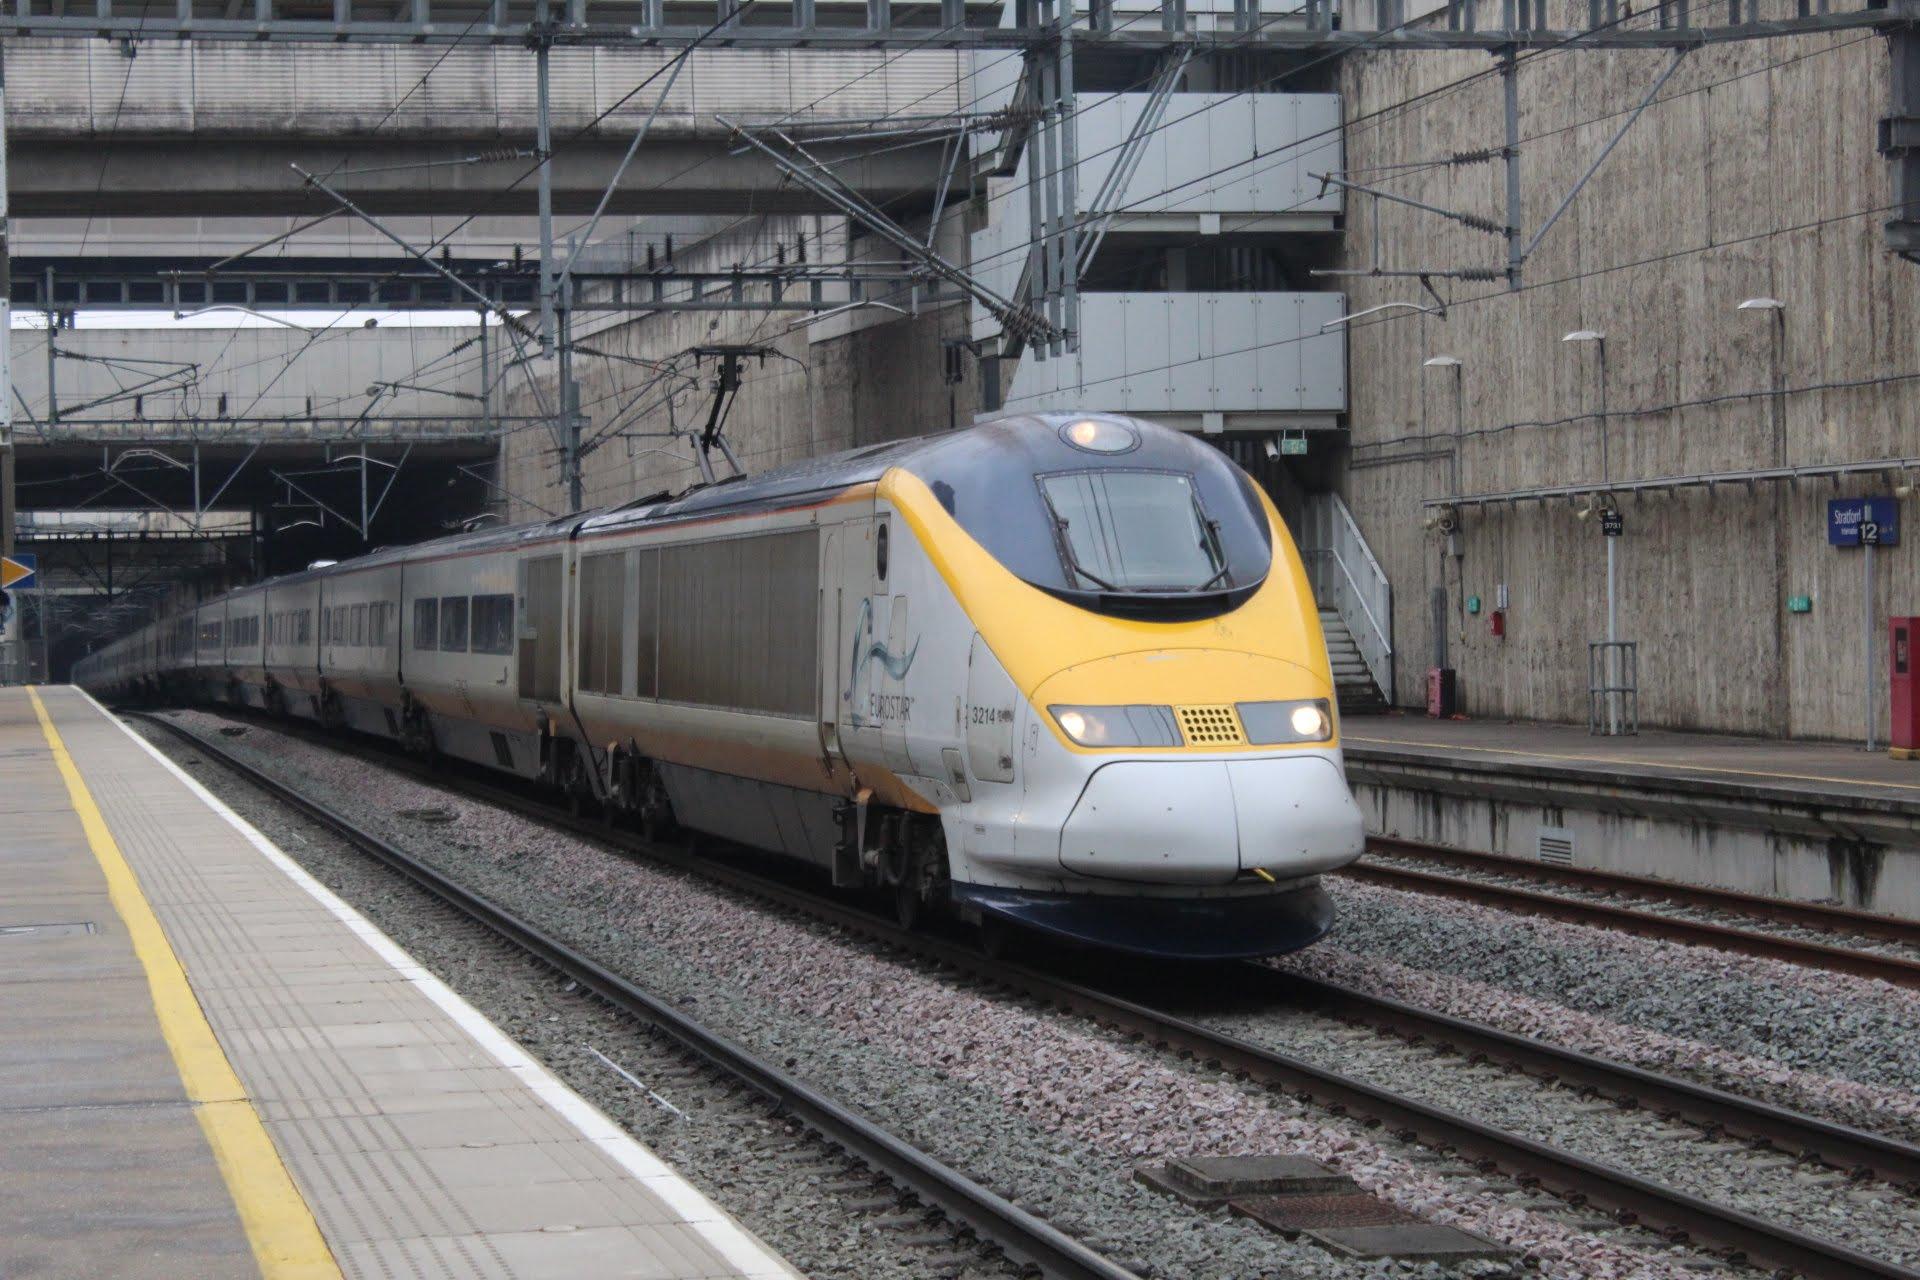 Eurostar 373